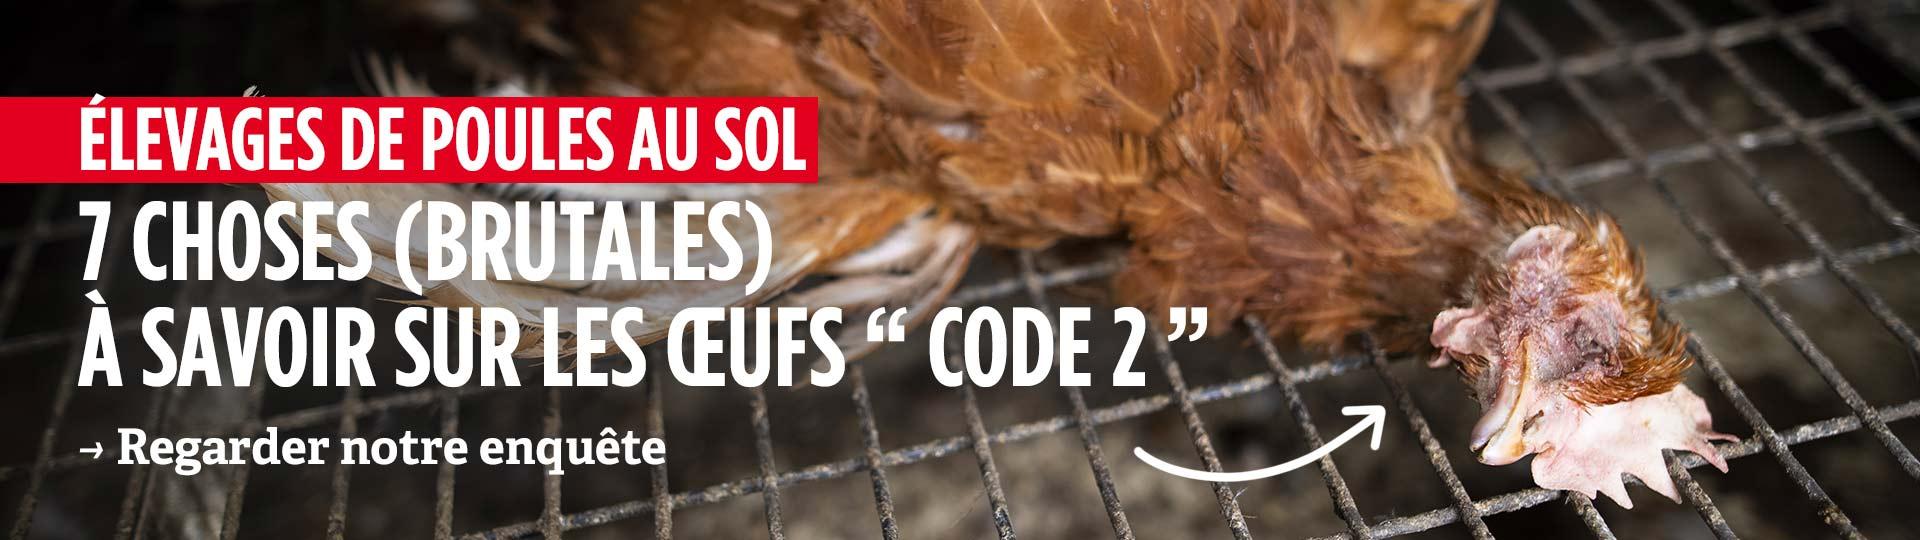 Nouvelle enquête dans 2 élevages de poules au sol